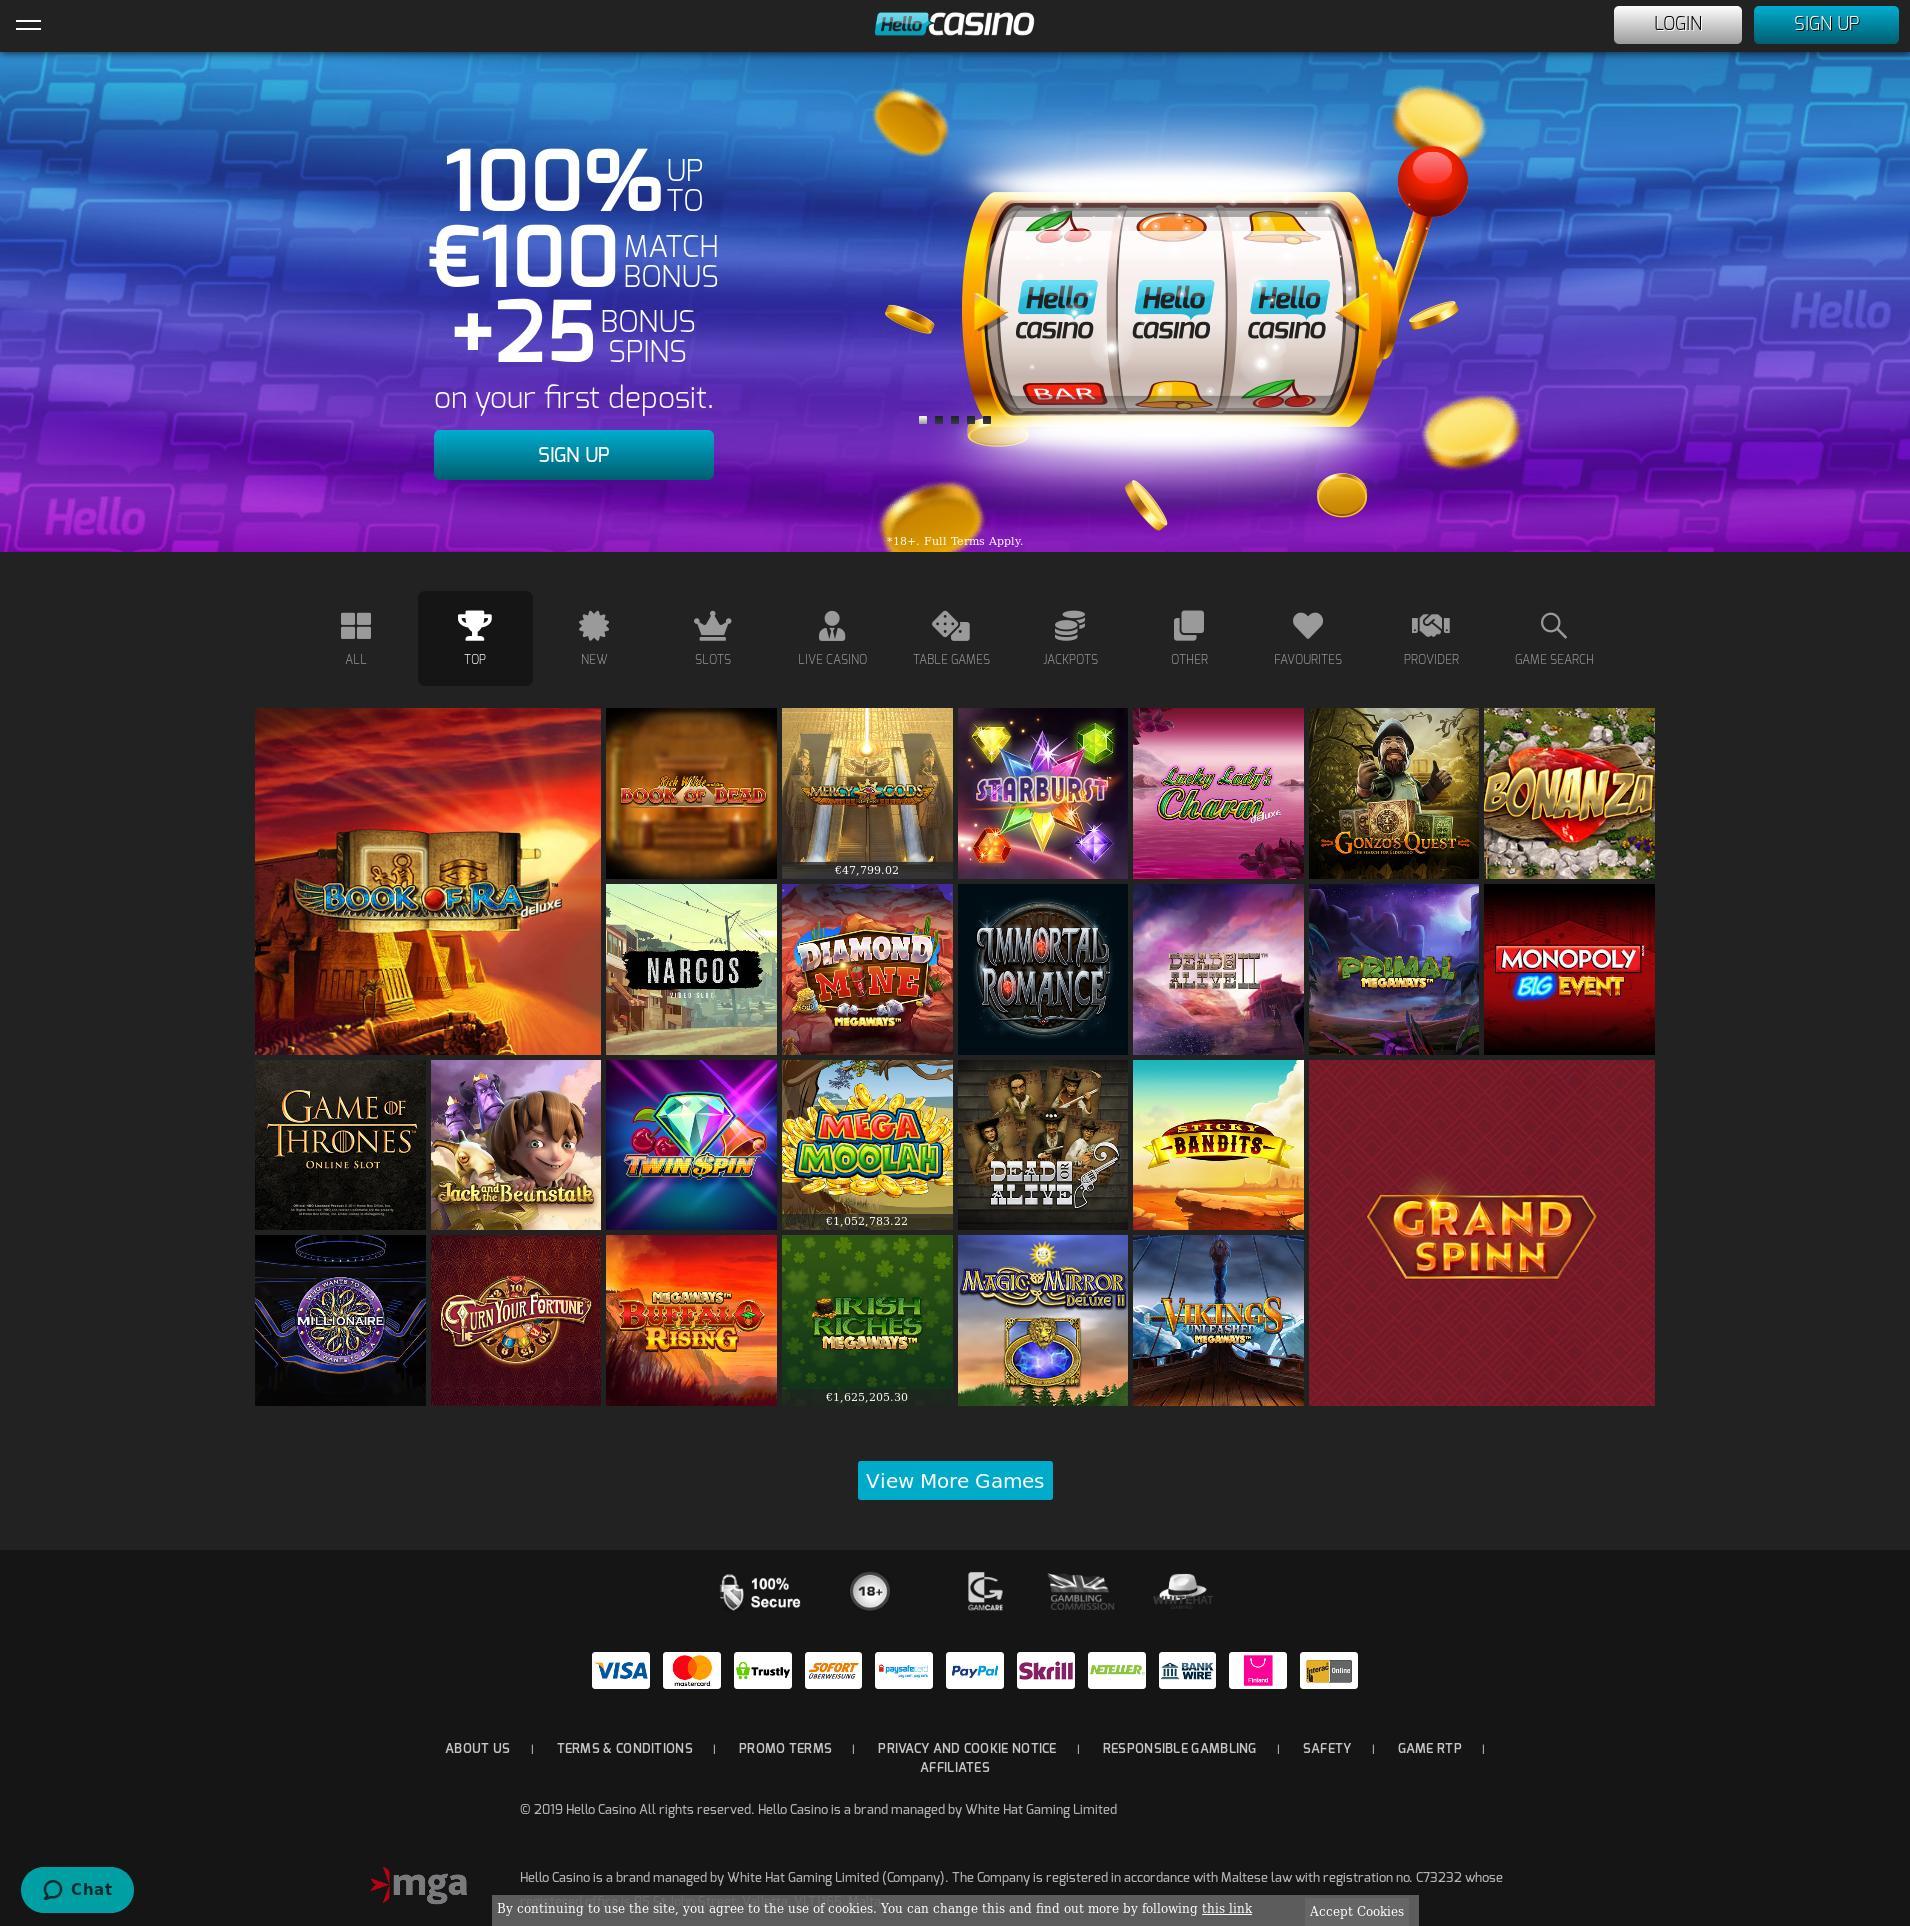 Casino skärm Lobby 2019-11-21 för finland